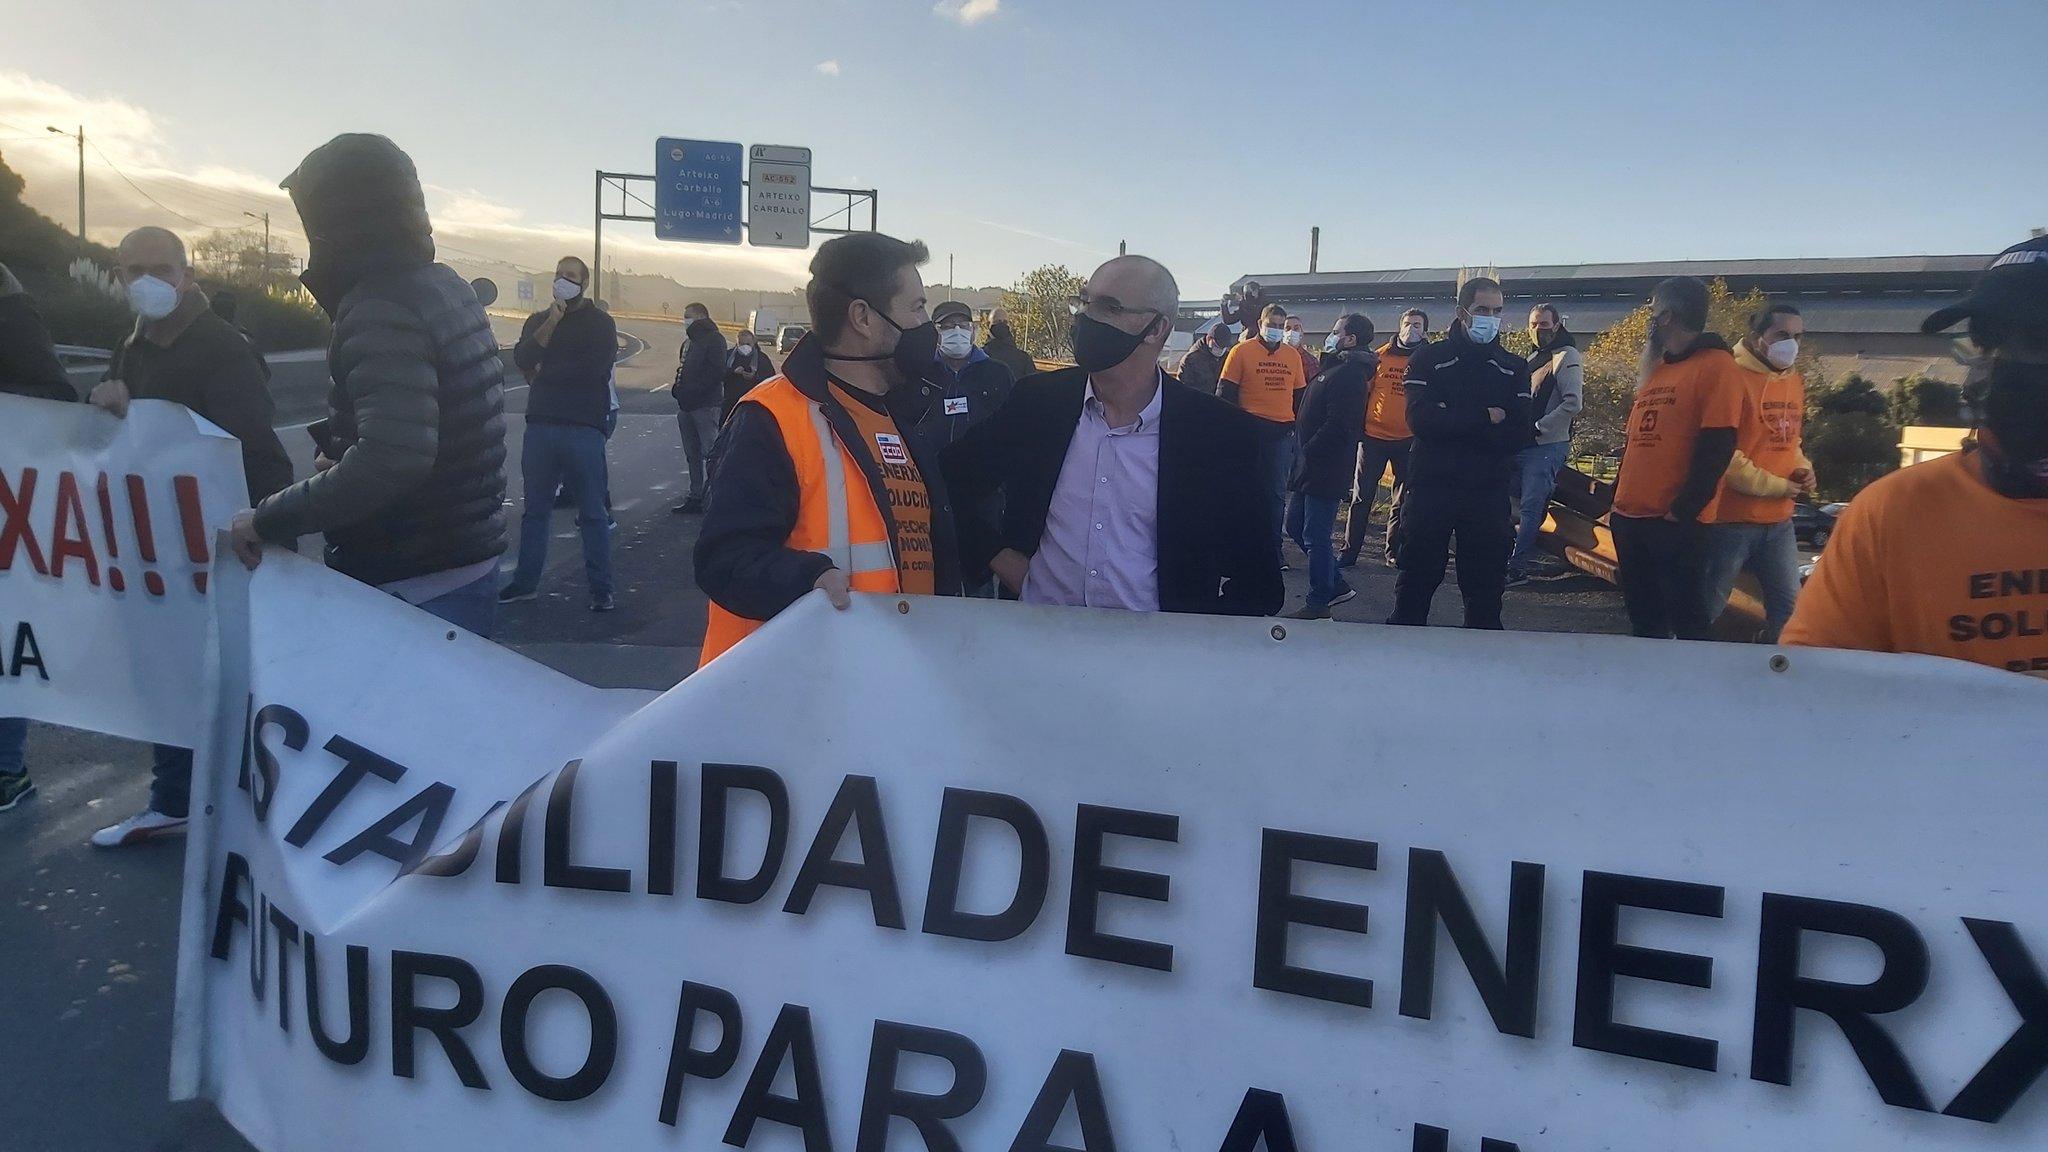 Jorquera na concentración de traballadores de Alu Ibérica. Décimo xoves consecutivo.